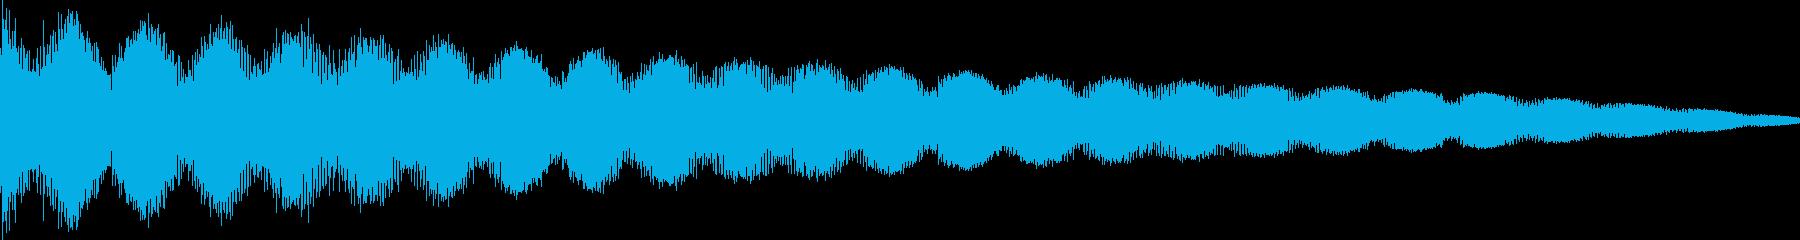 ゲーム系エラー・リフレクトの再生済みの波形